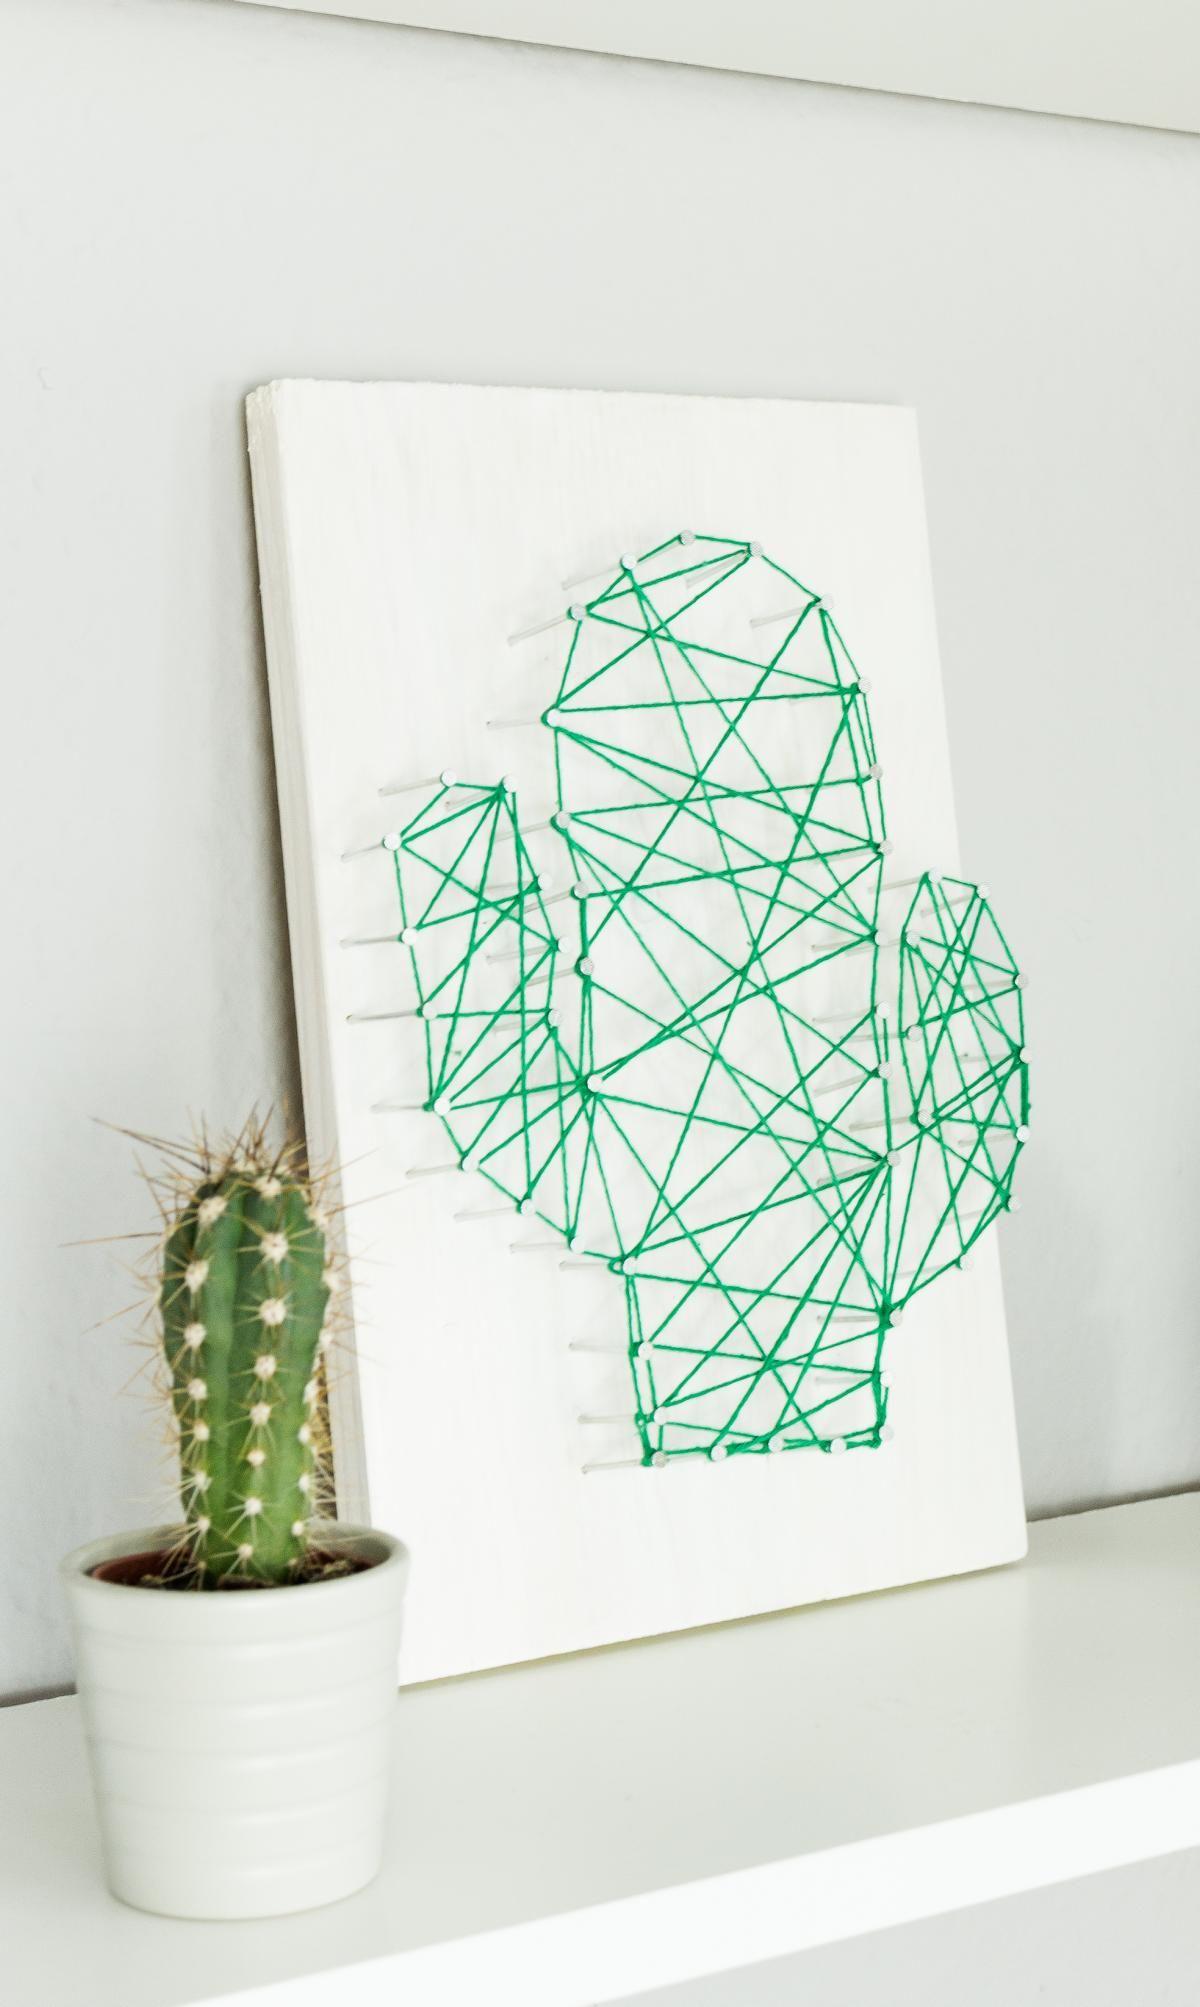 Diy Kaktus Fadenbild Selber Machen Schone Diy Deko Idee Kaktus